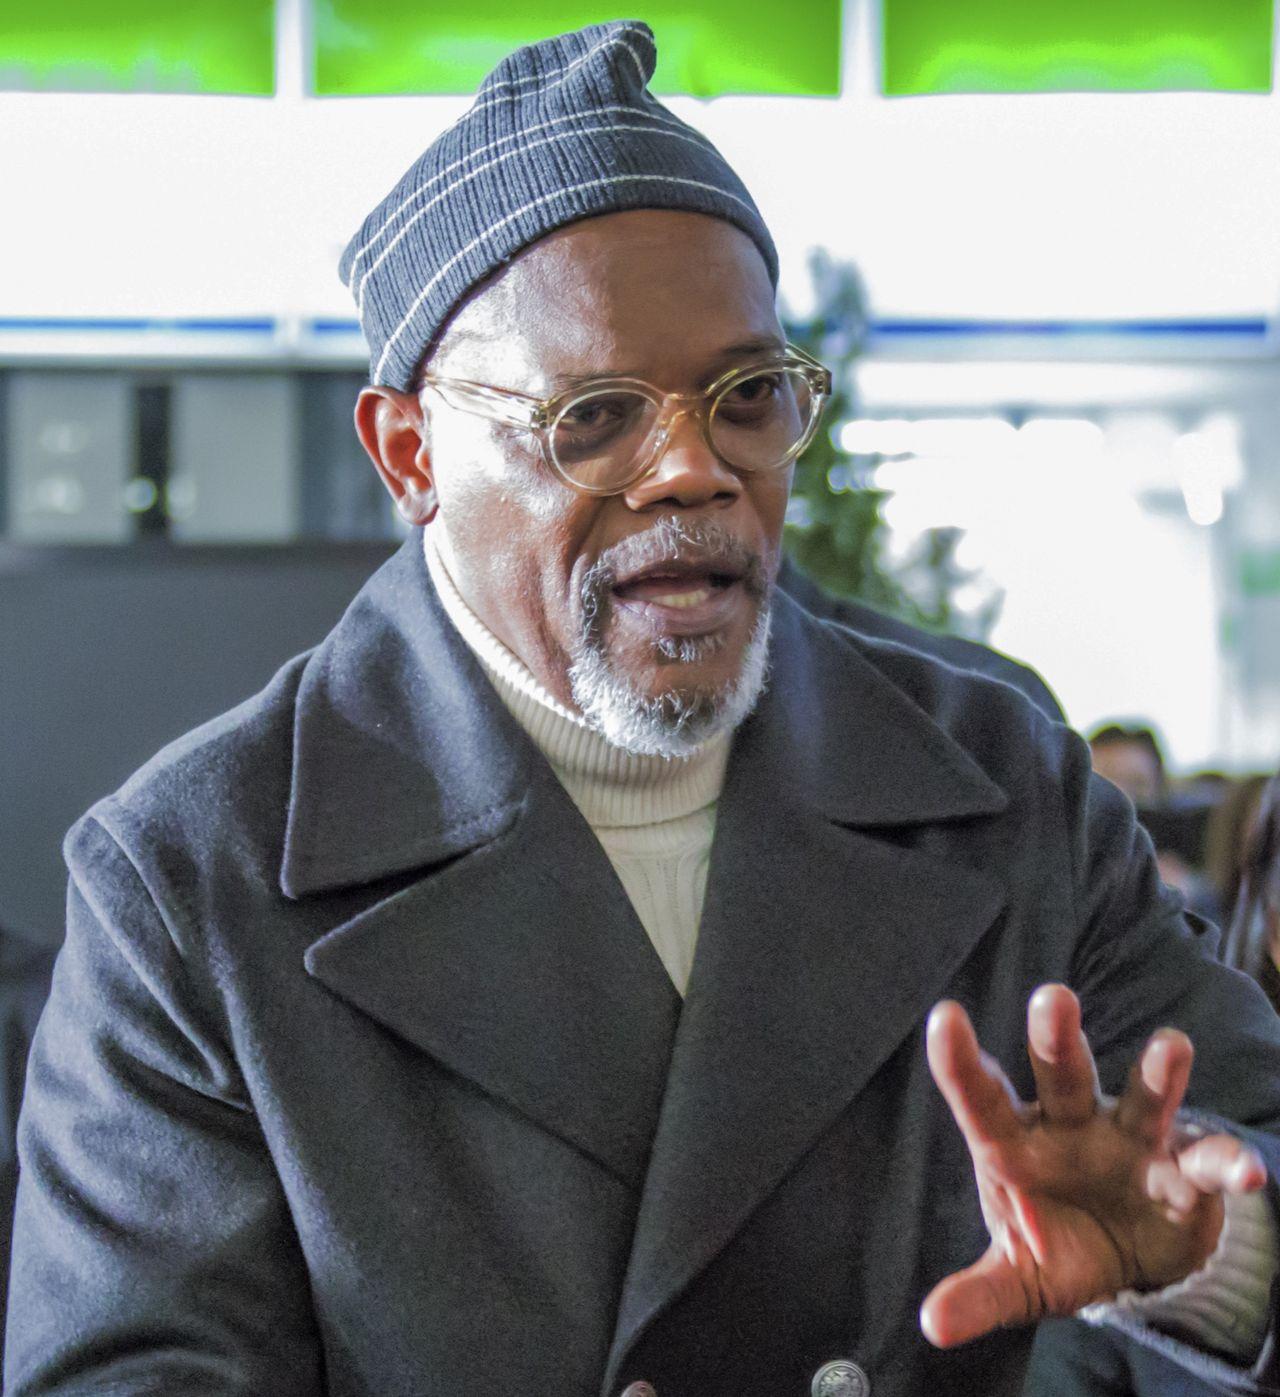 Samuel L Jackson medverkar i rebooten av Saw